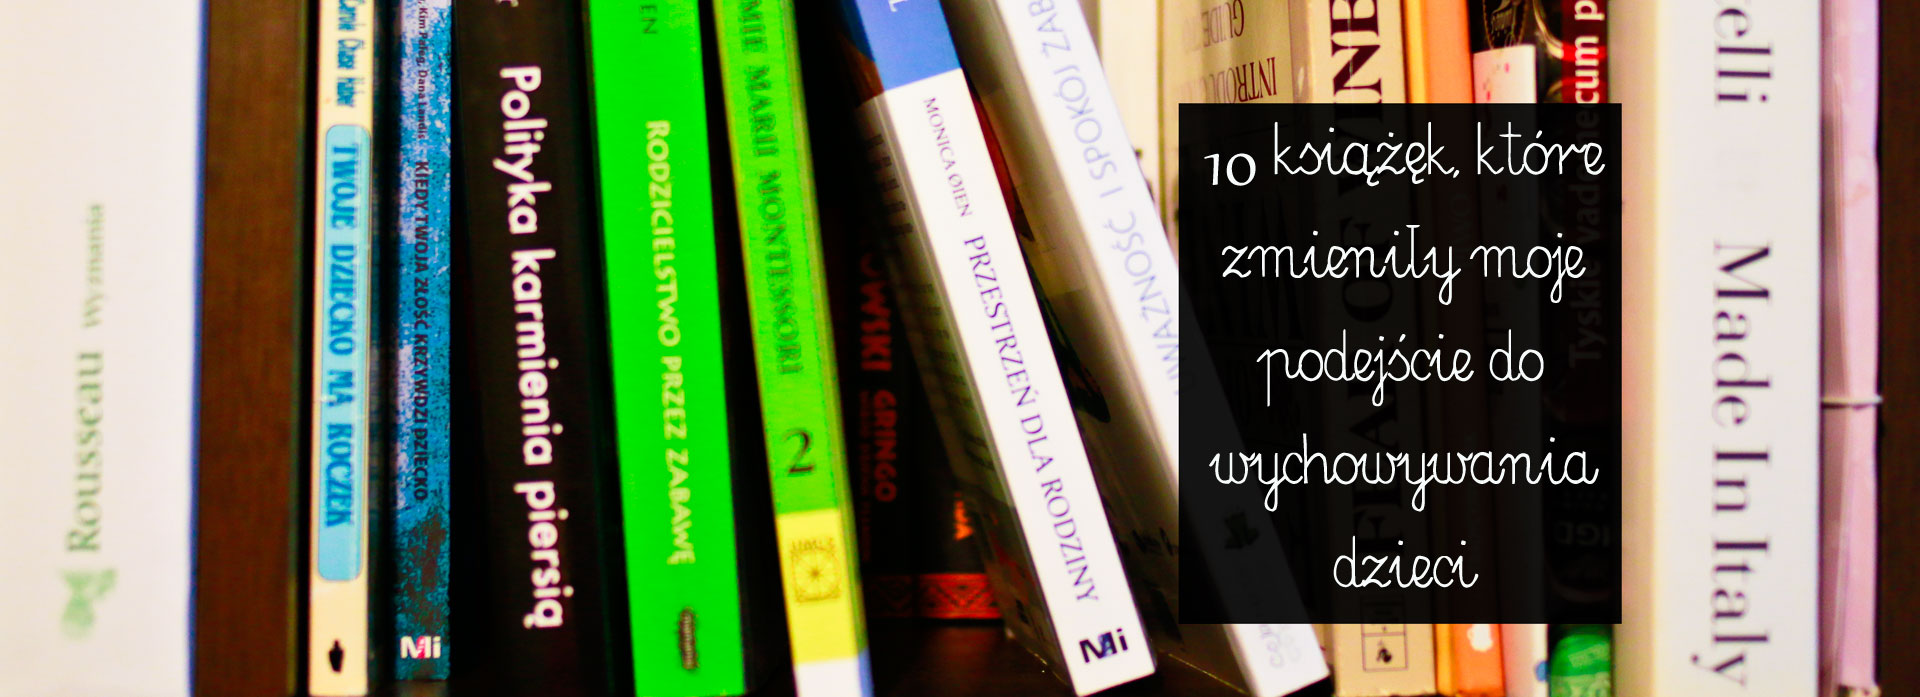 książki dla rodziców, książki o wychowaniu,